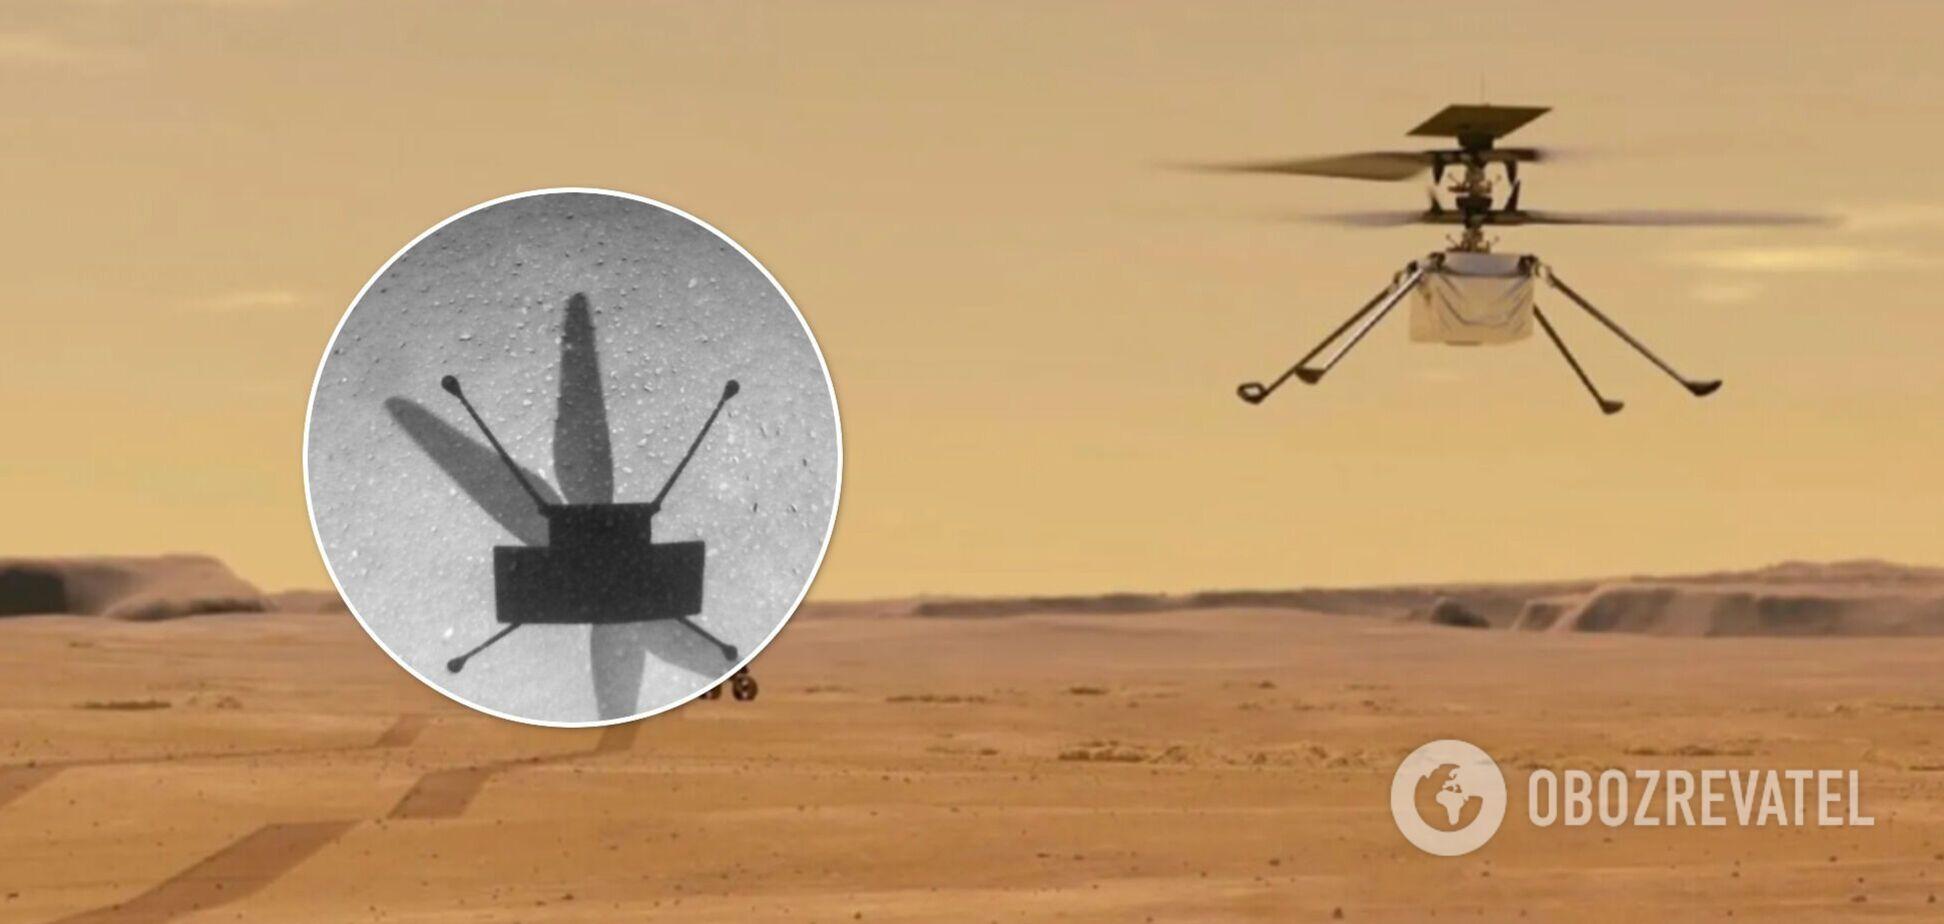 Вертоліт Ingenuity здійснив свій найдовший політ на Марсі. Відео